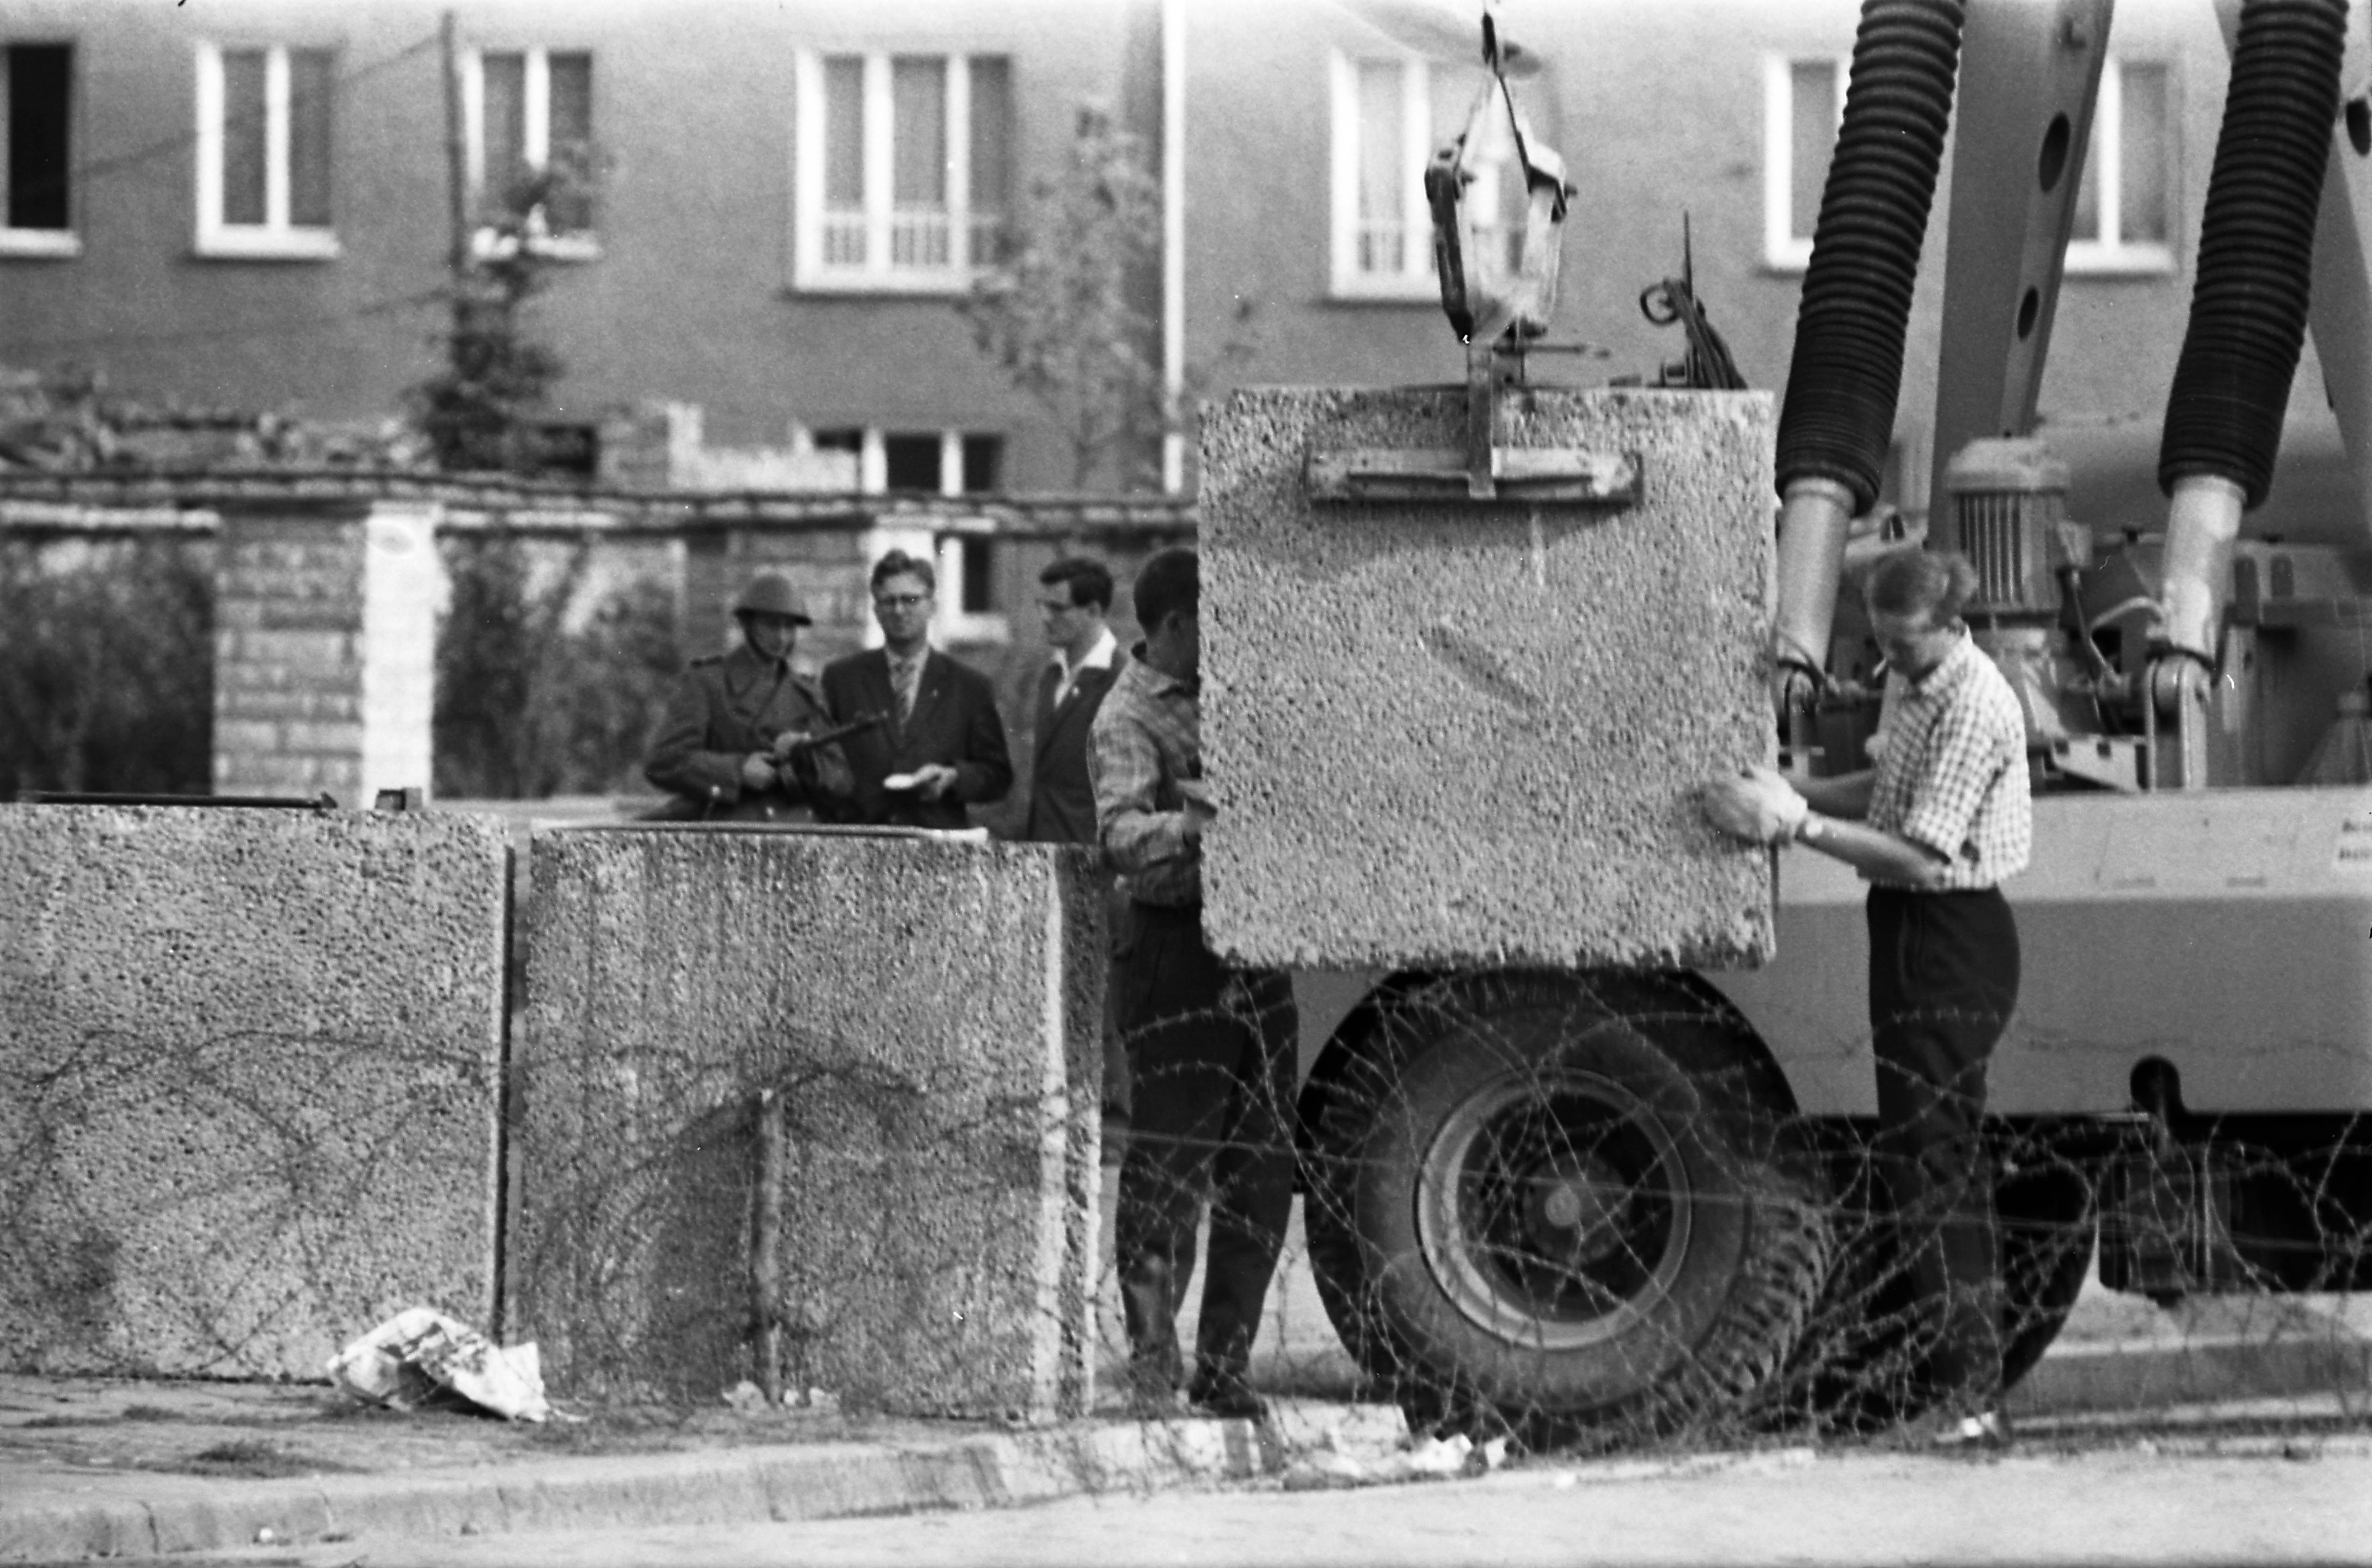 Bau Der Berliner Mauer Karte.Bundesarchiv Internet Thementag Zum Bau Der Berliner Mauer Am 13